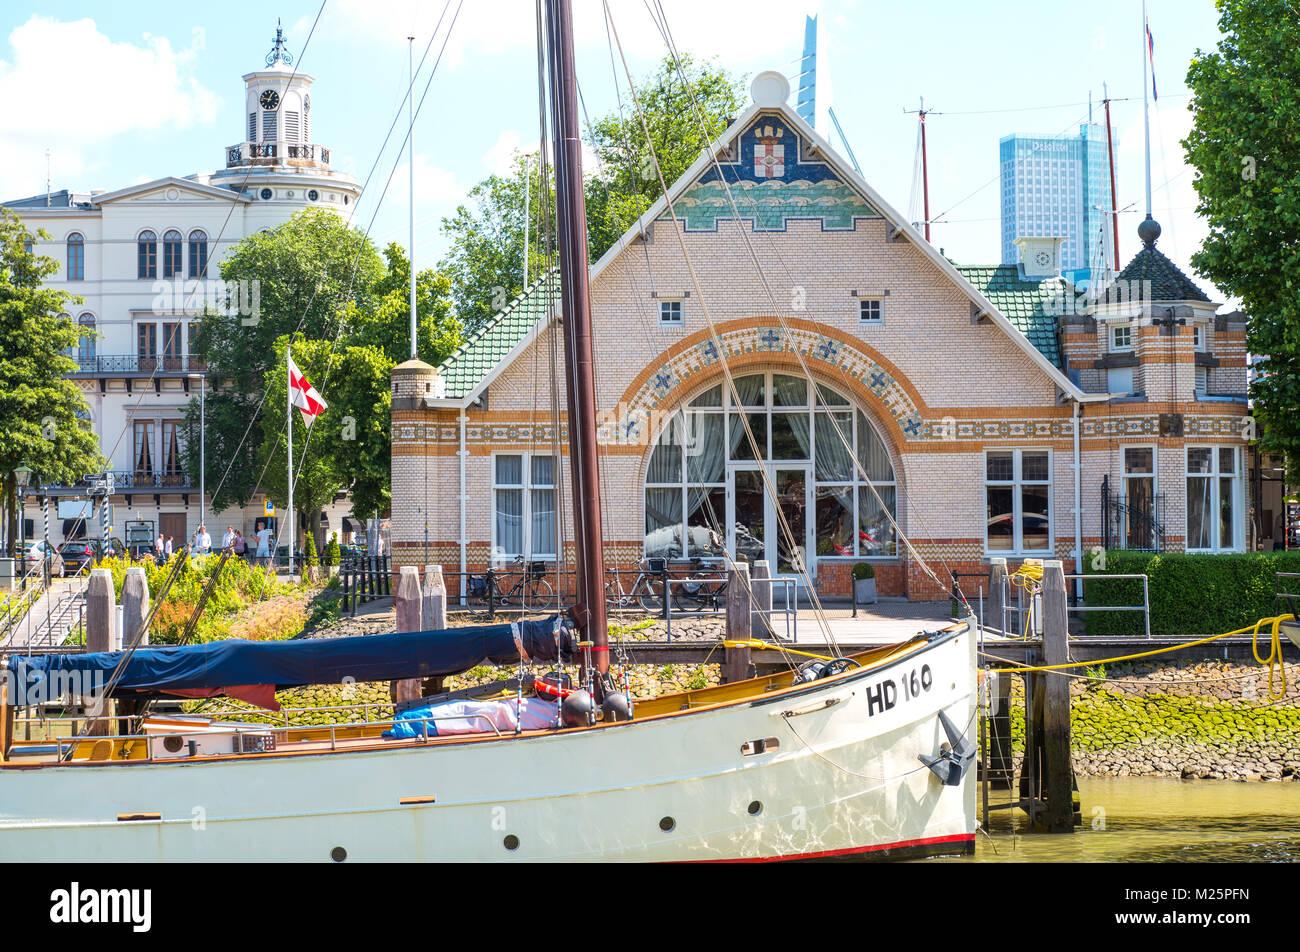 Países Bajos, Rotterdam, un viejo barco en el puerto de Historia Veerhaven Imagen De Stock